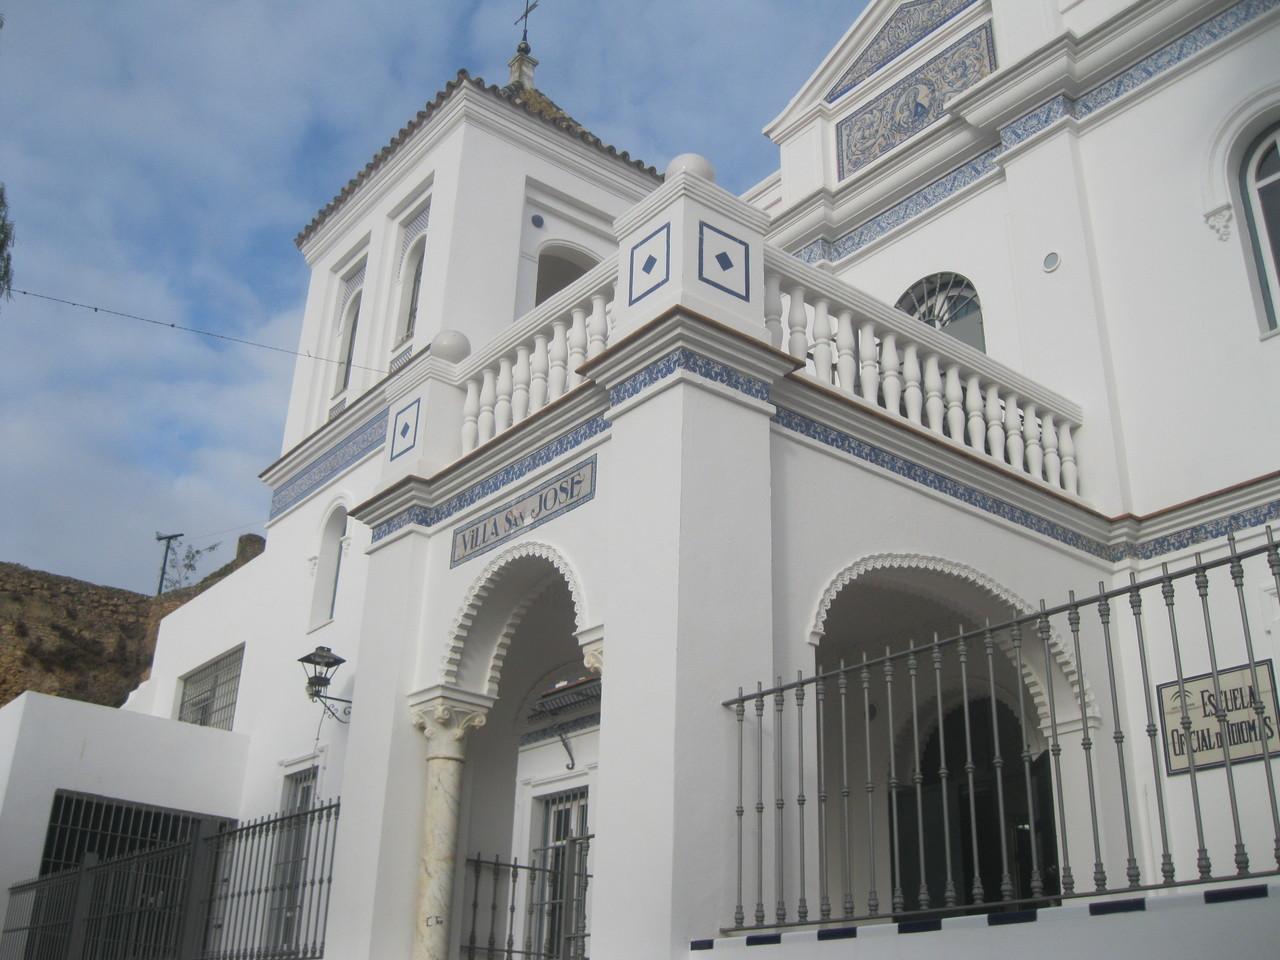 villa san josé